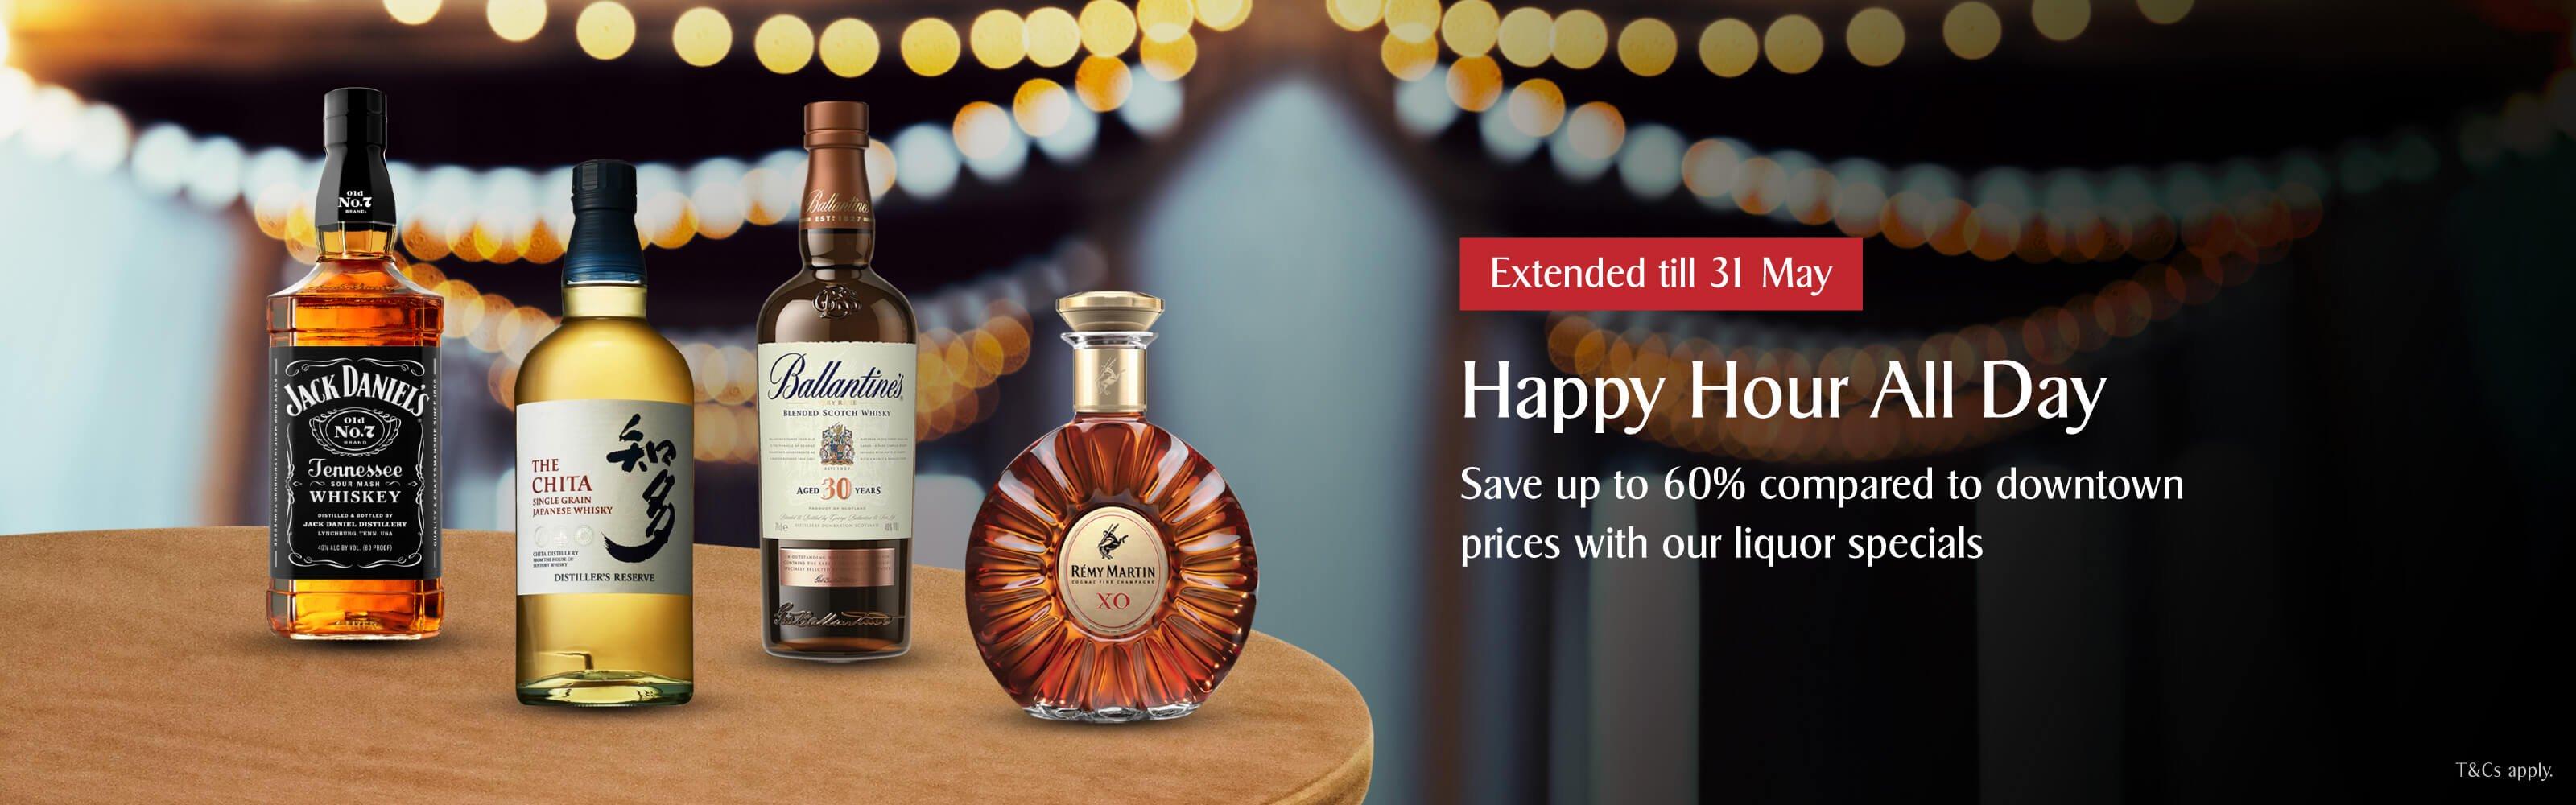 Liquor Specials extended till 31 May